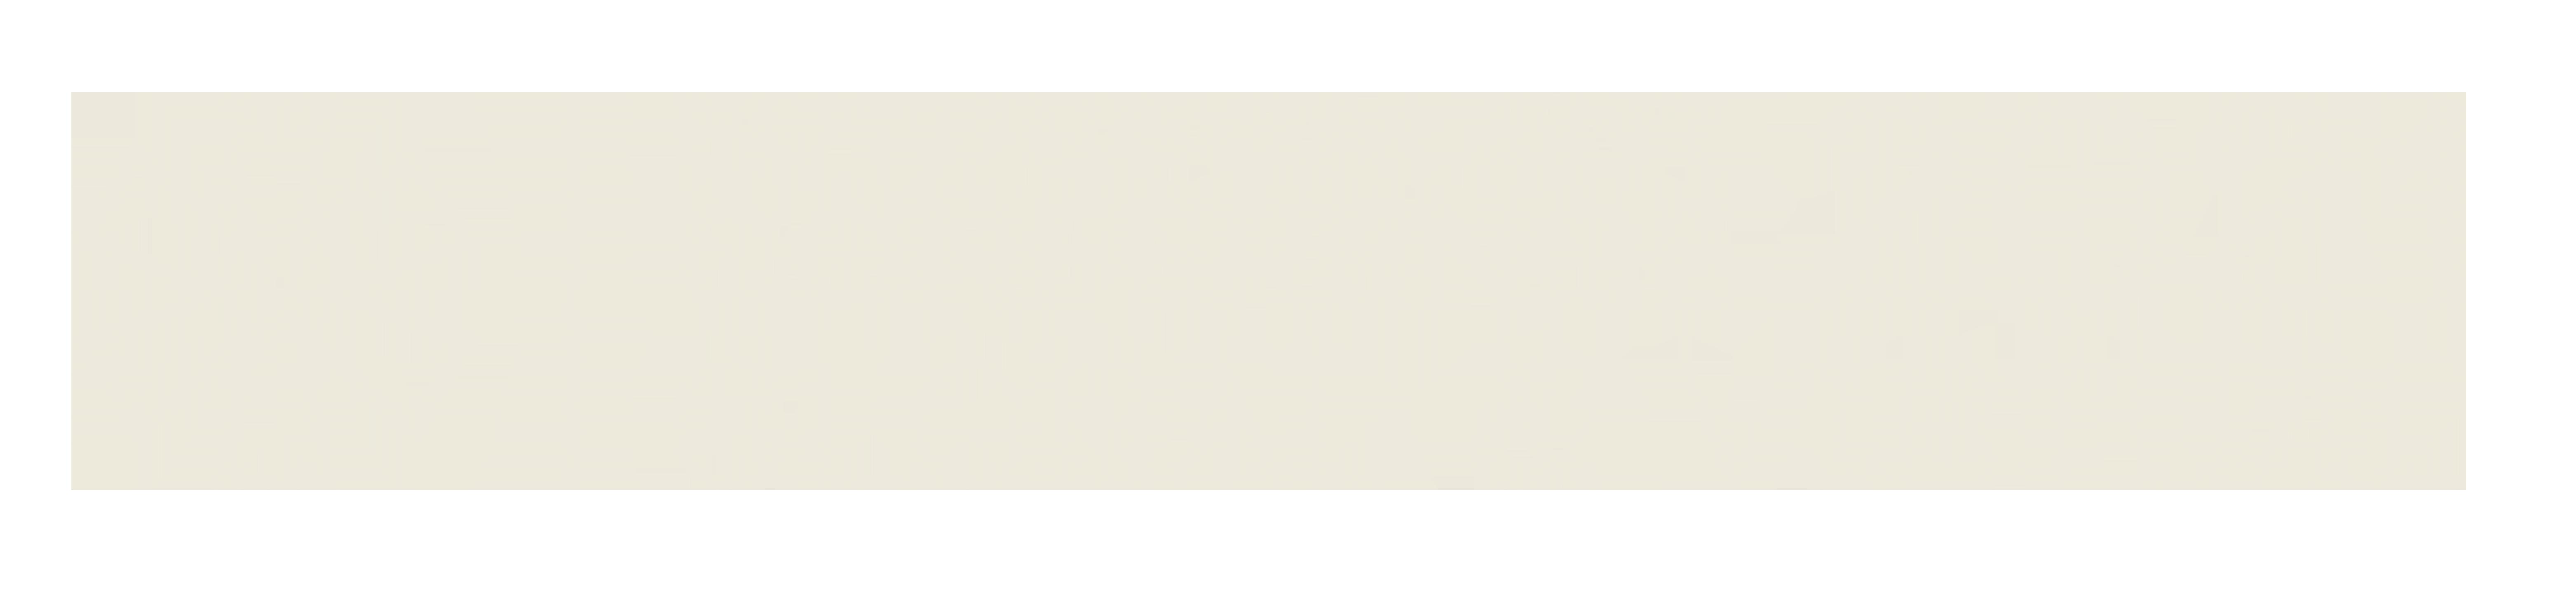 FTC_logo-1